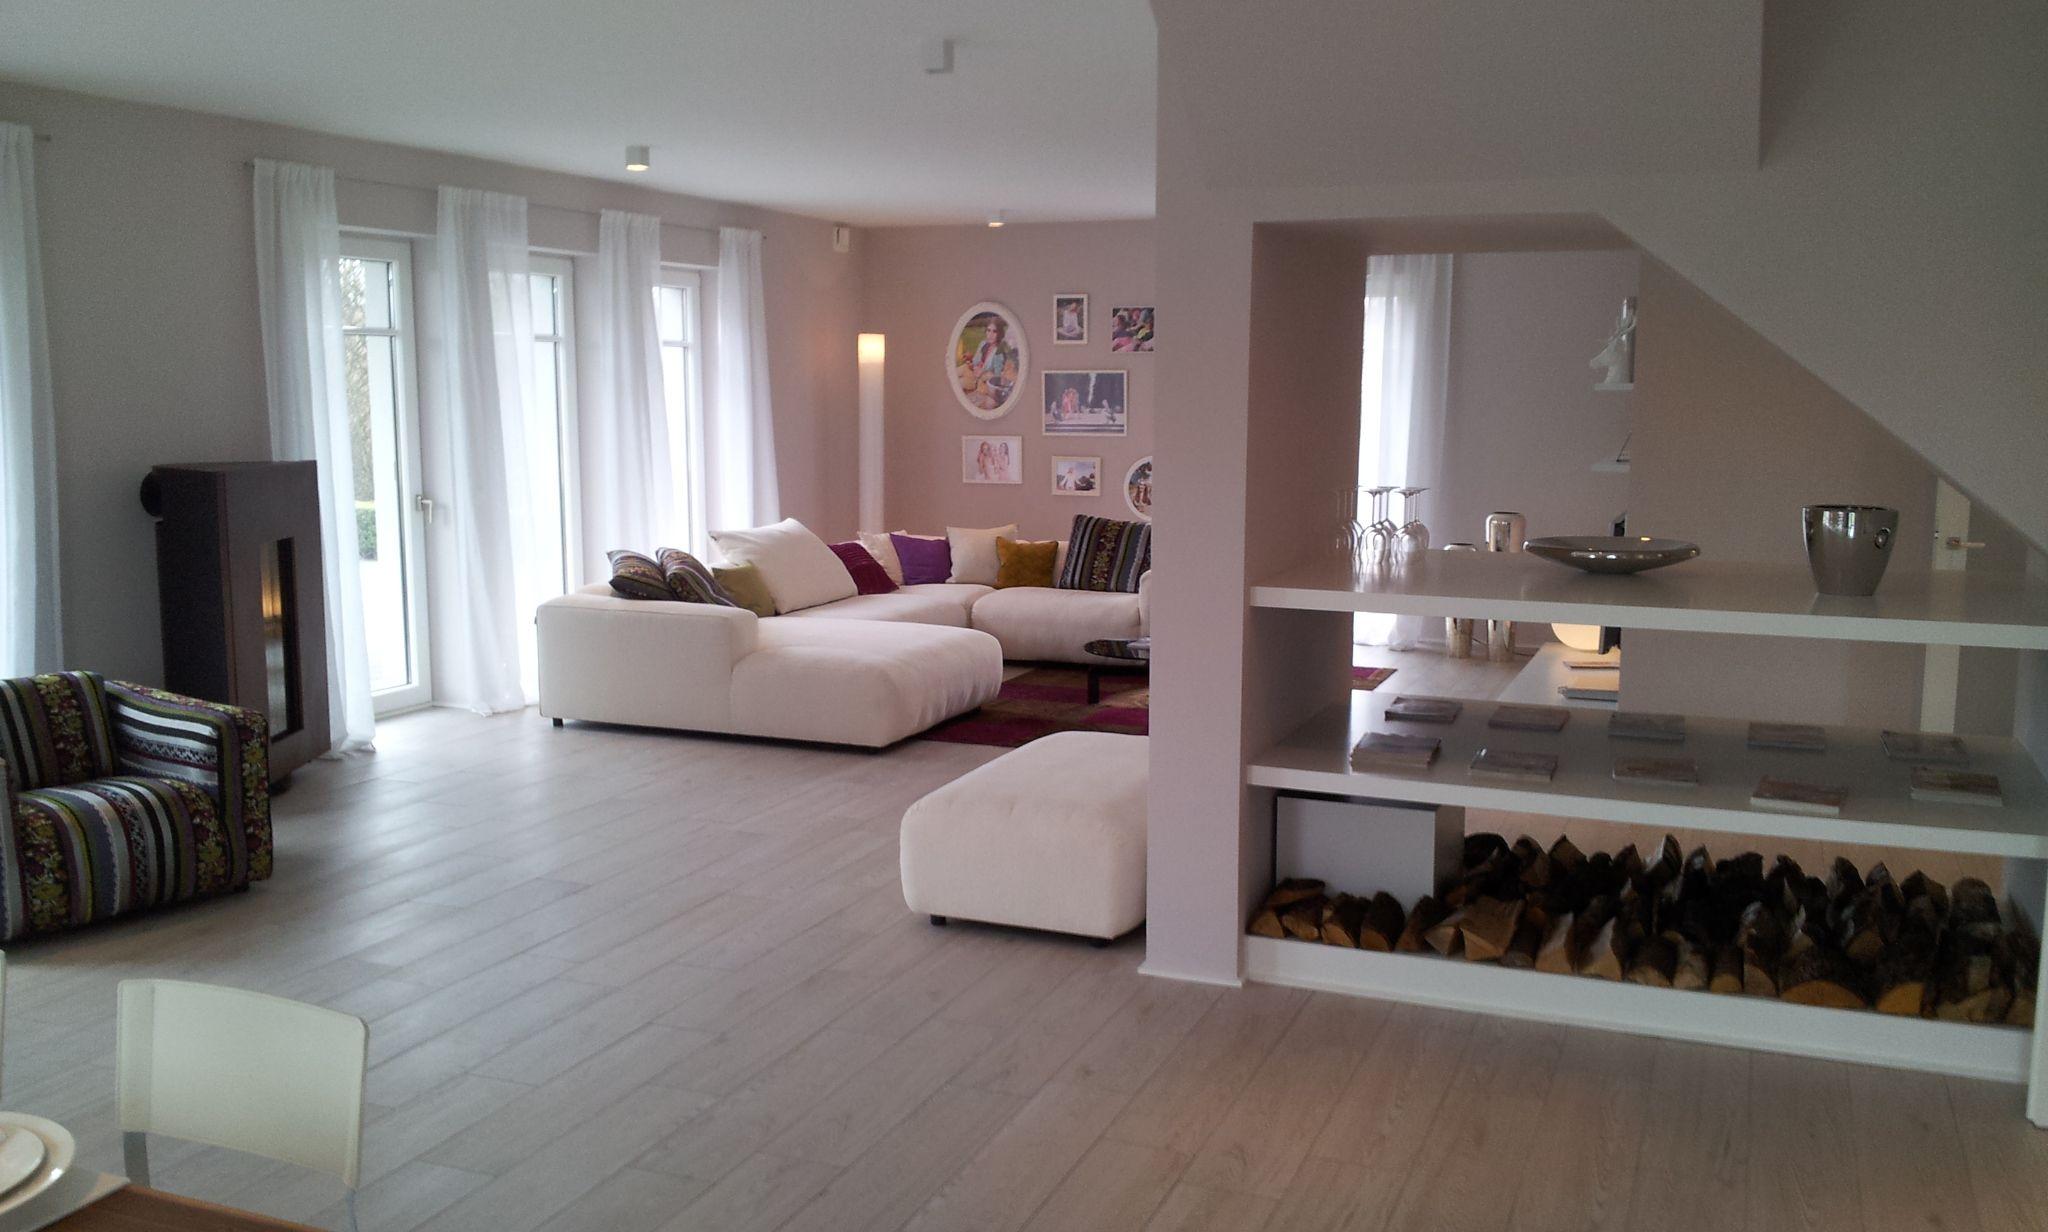 GroBartig Wohnzimmer Farblich Gestalten Grun ~ CARPROLA For. Everything. Wohnzimmer  Komplett Neu Gestalten Ideen ...